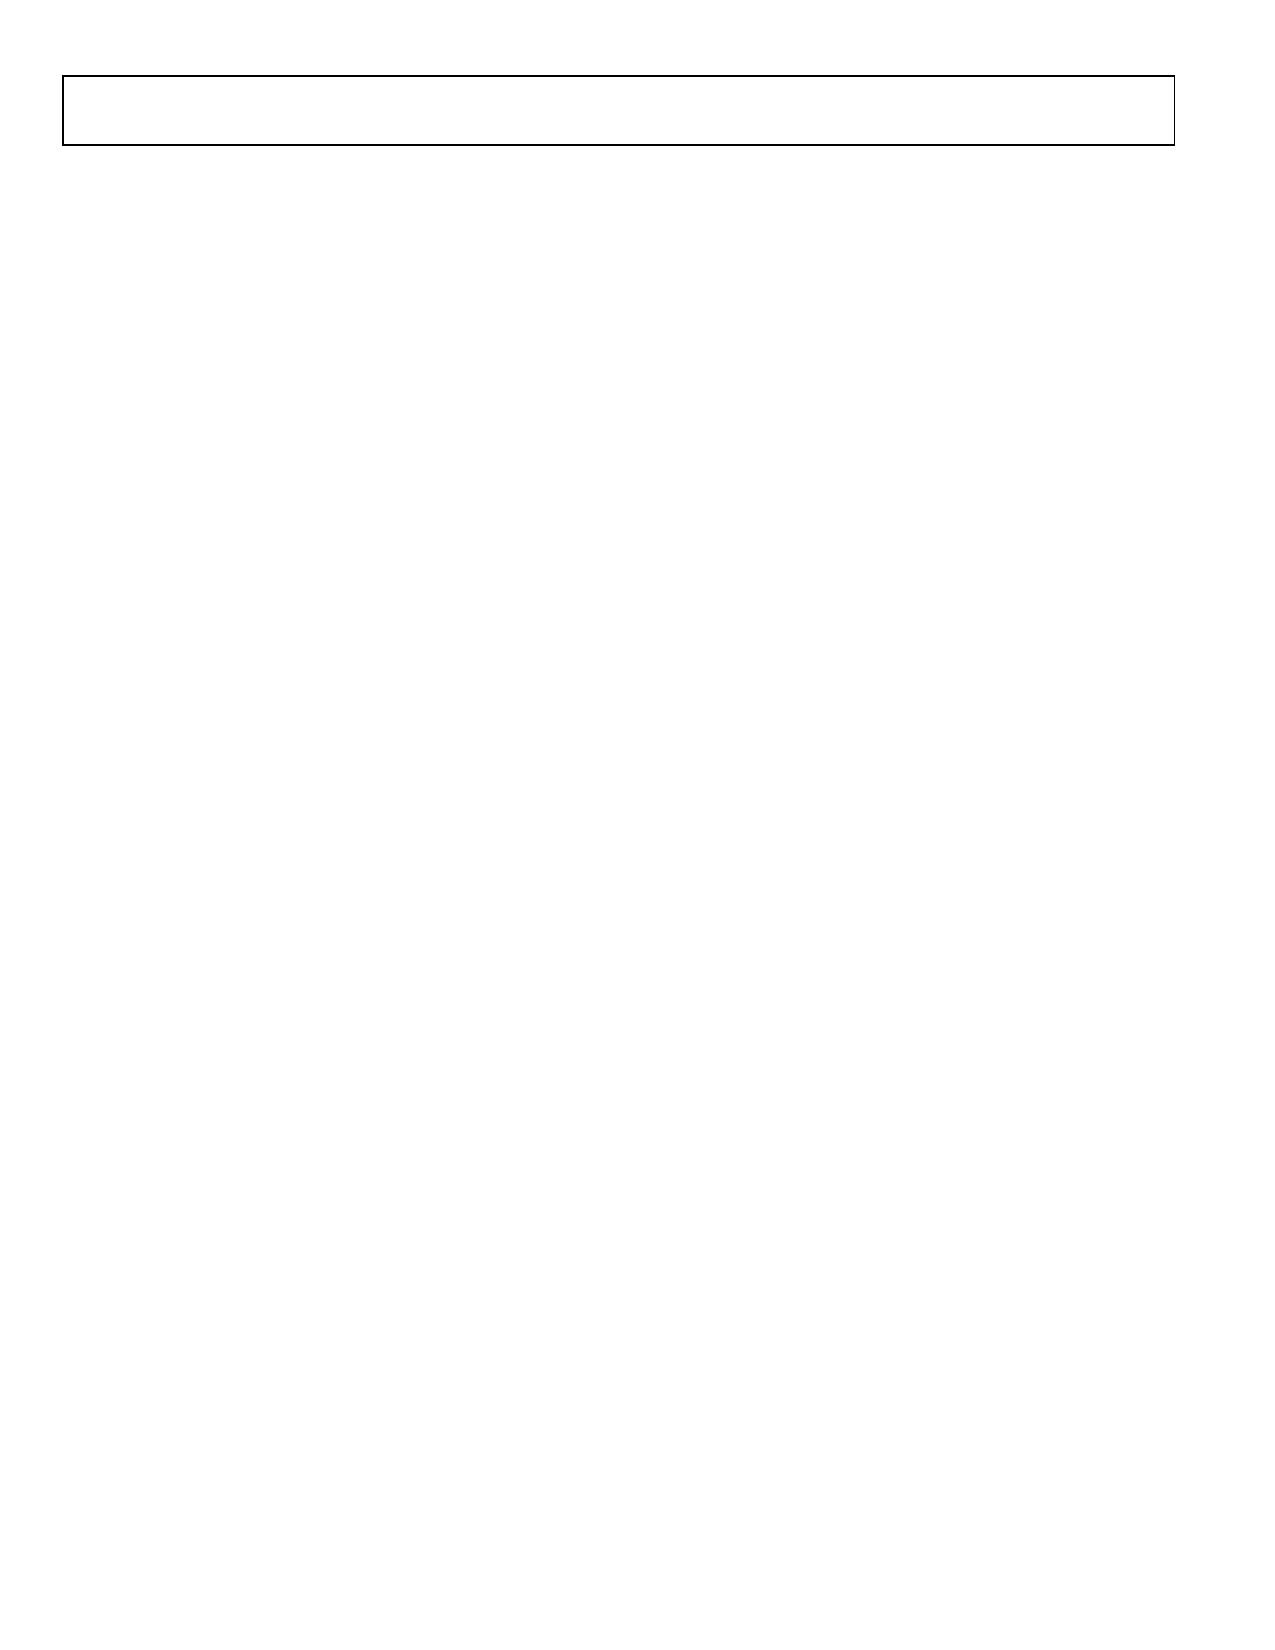 AD5171 Даташит, Описание, Даташиты